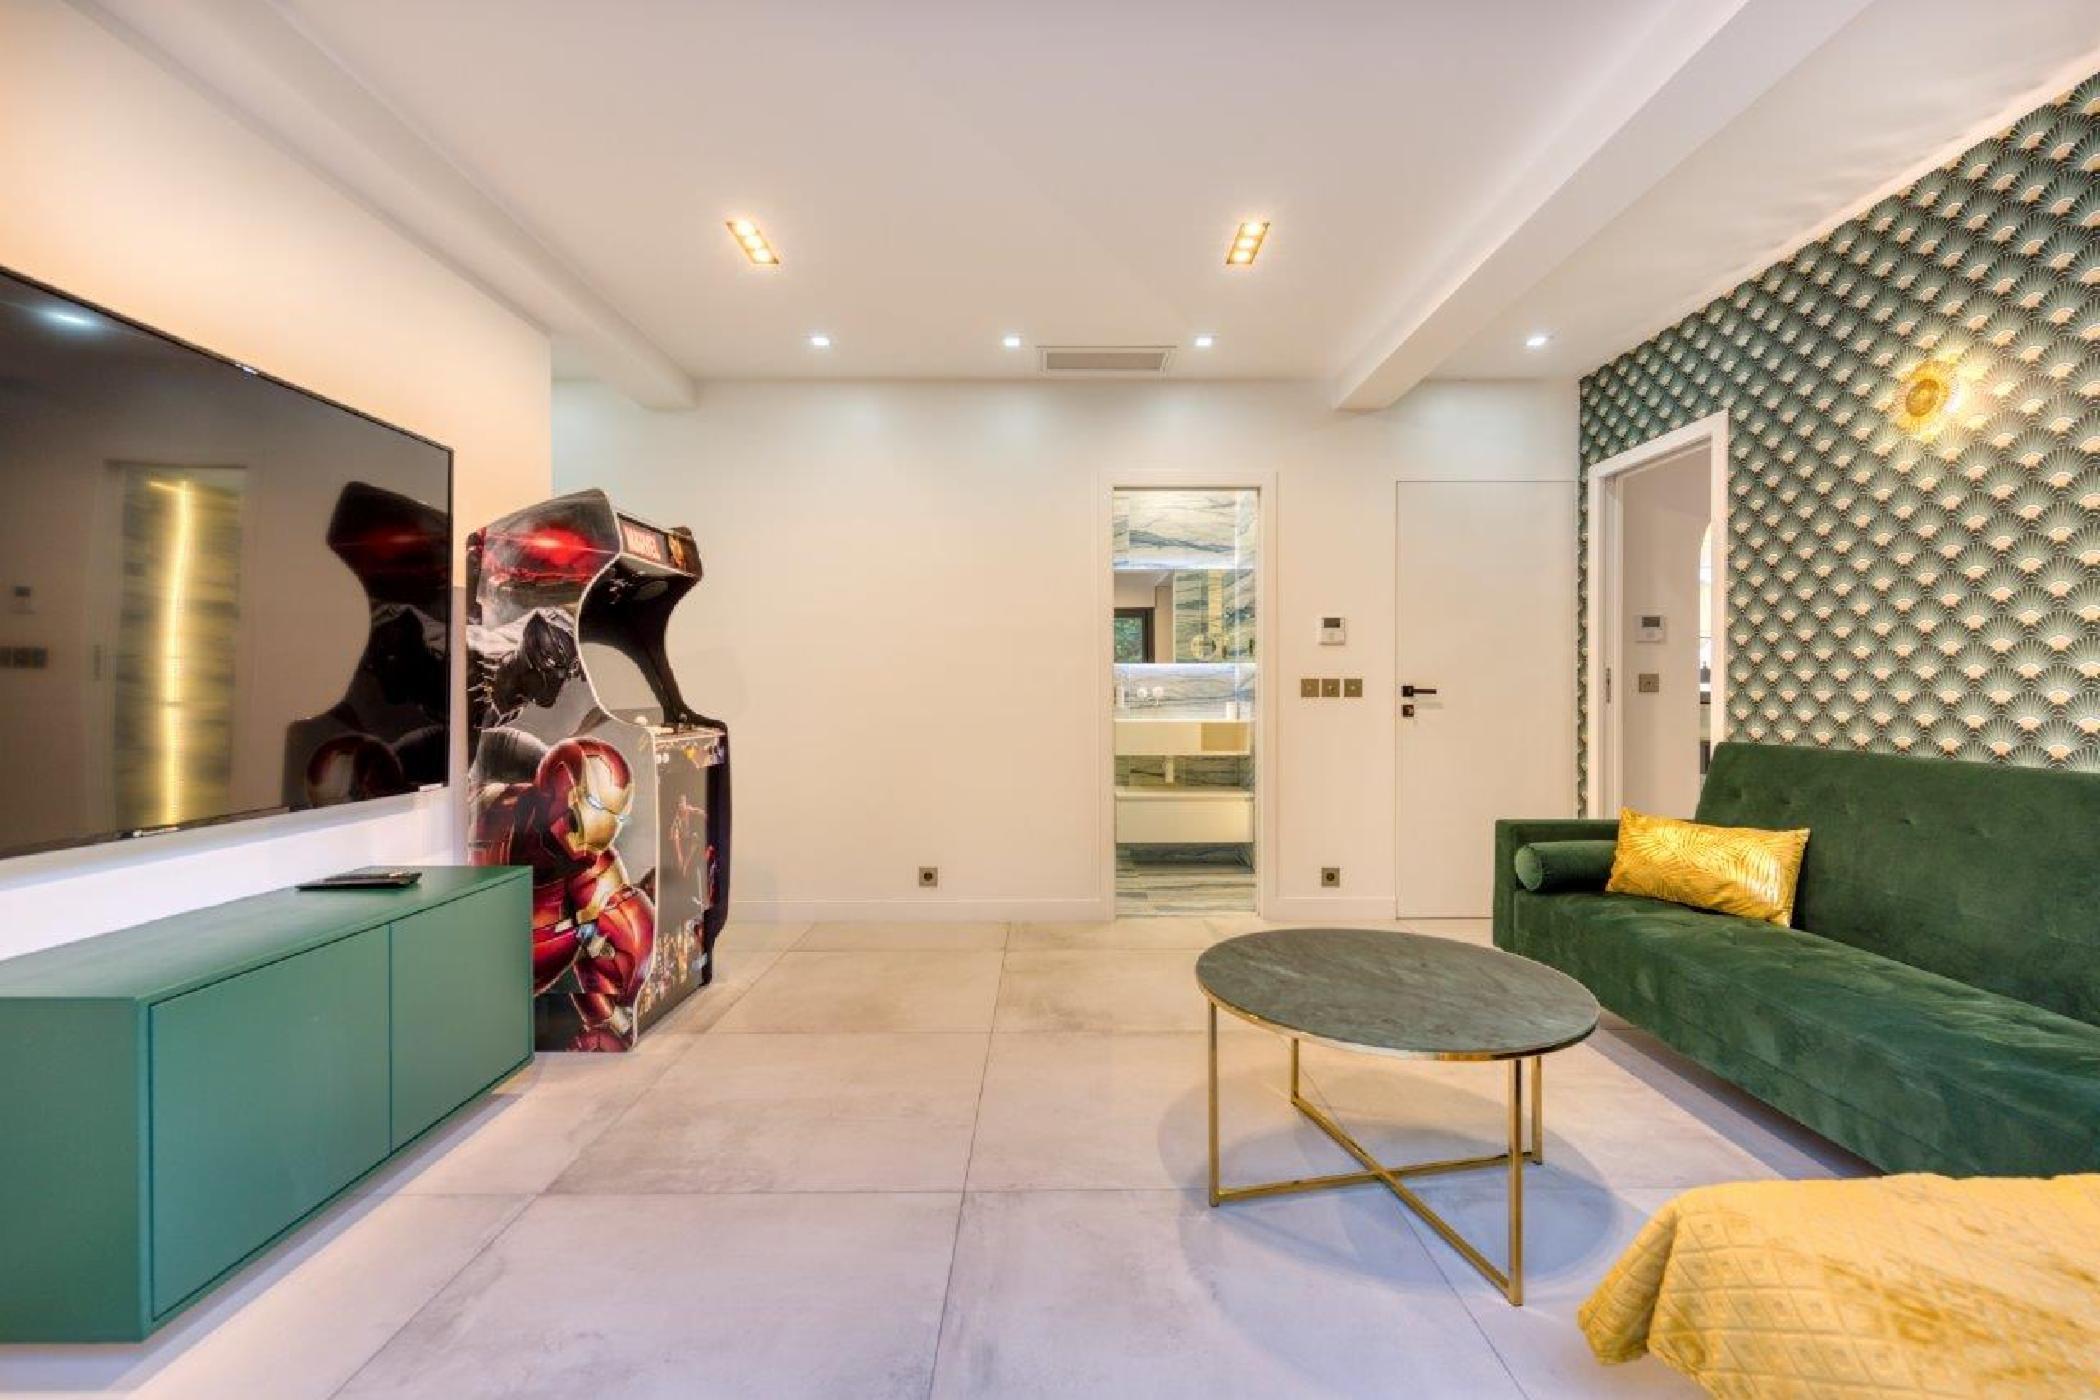 Maison Vue Moderne (19).jpg